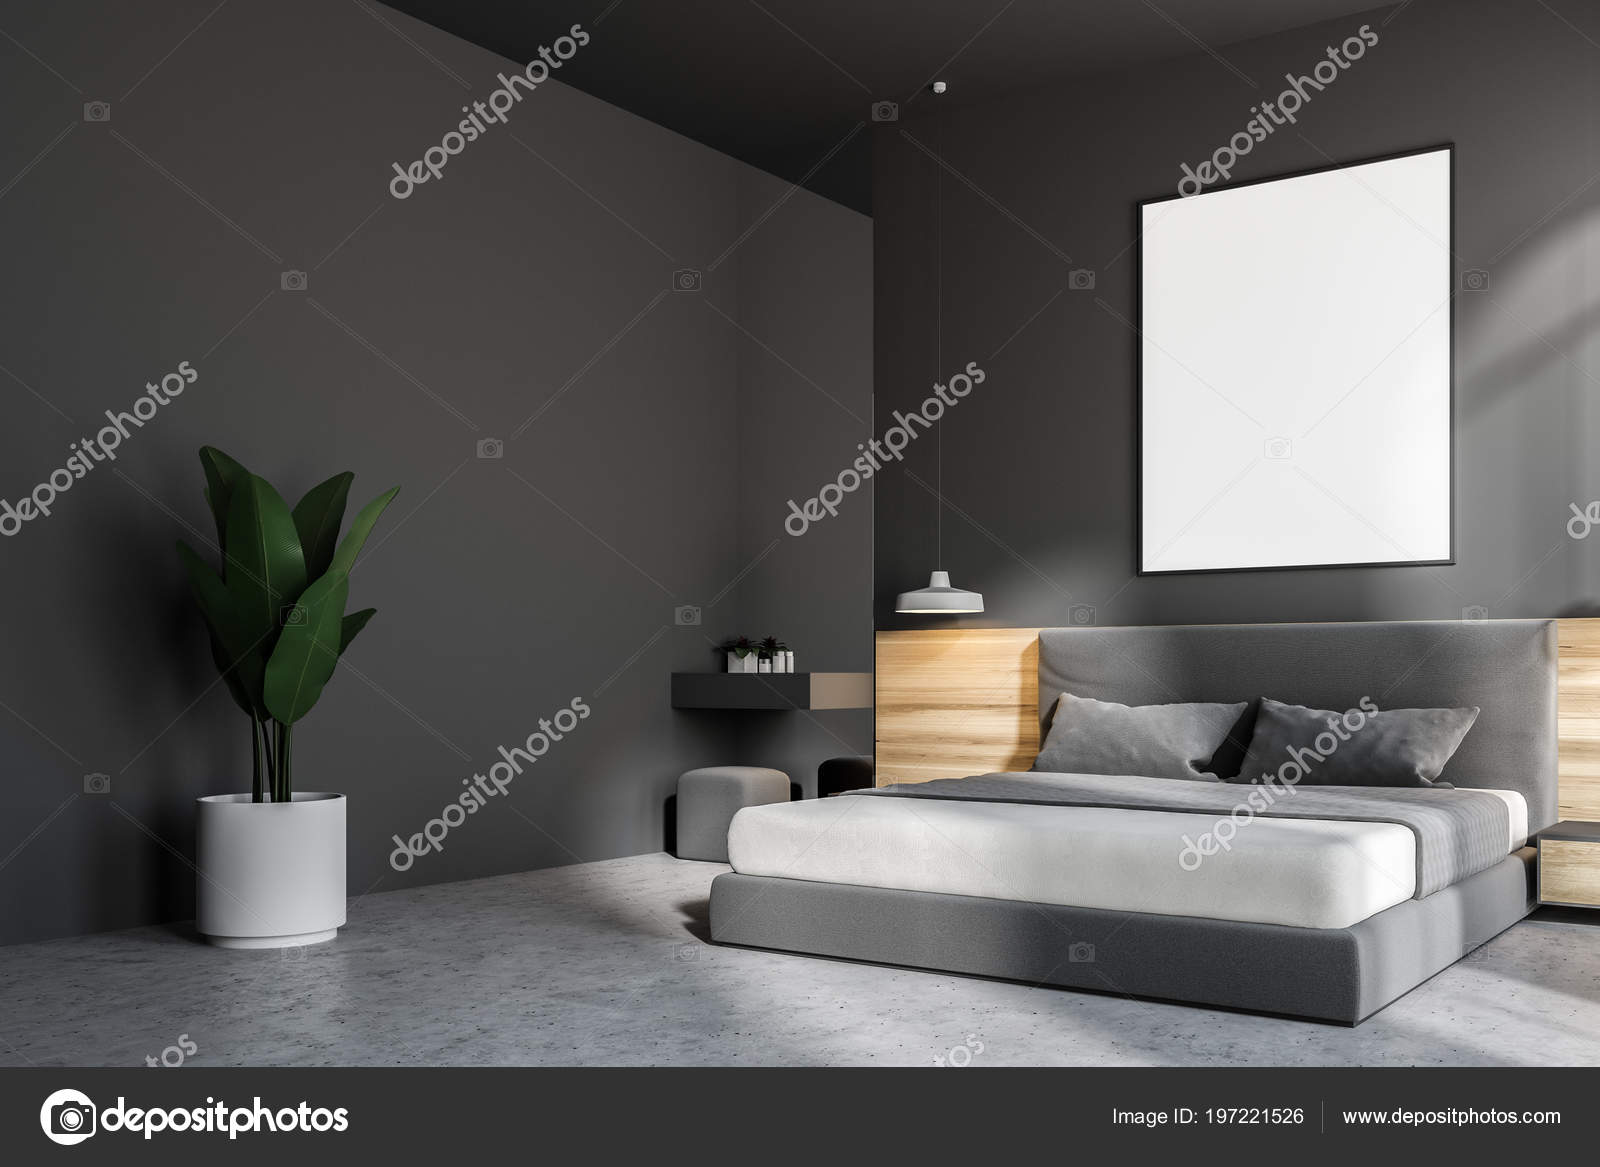 Slaapkamer Interieur Grijs : Donker grijze slaapkamer interieur met een betonnen vloer een king